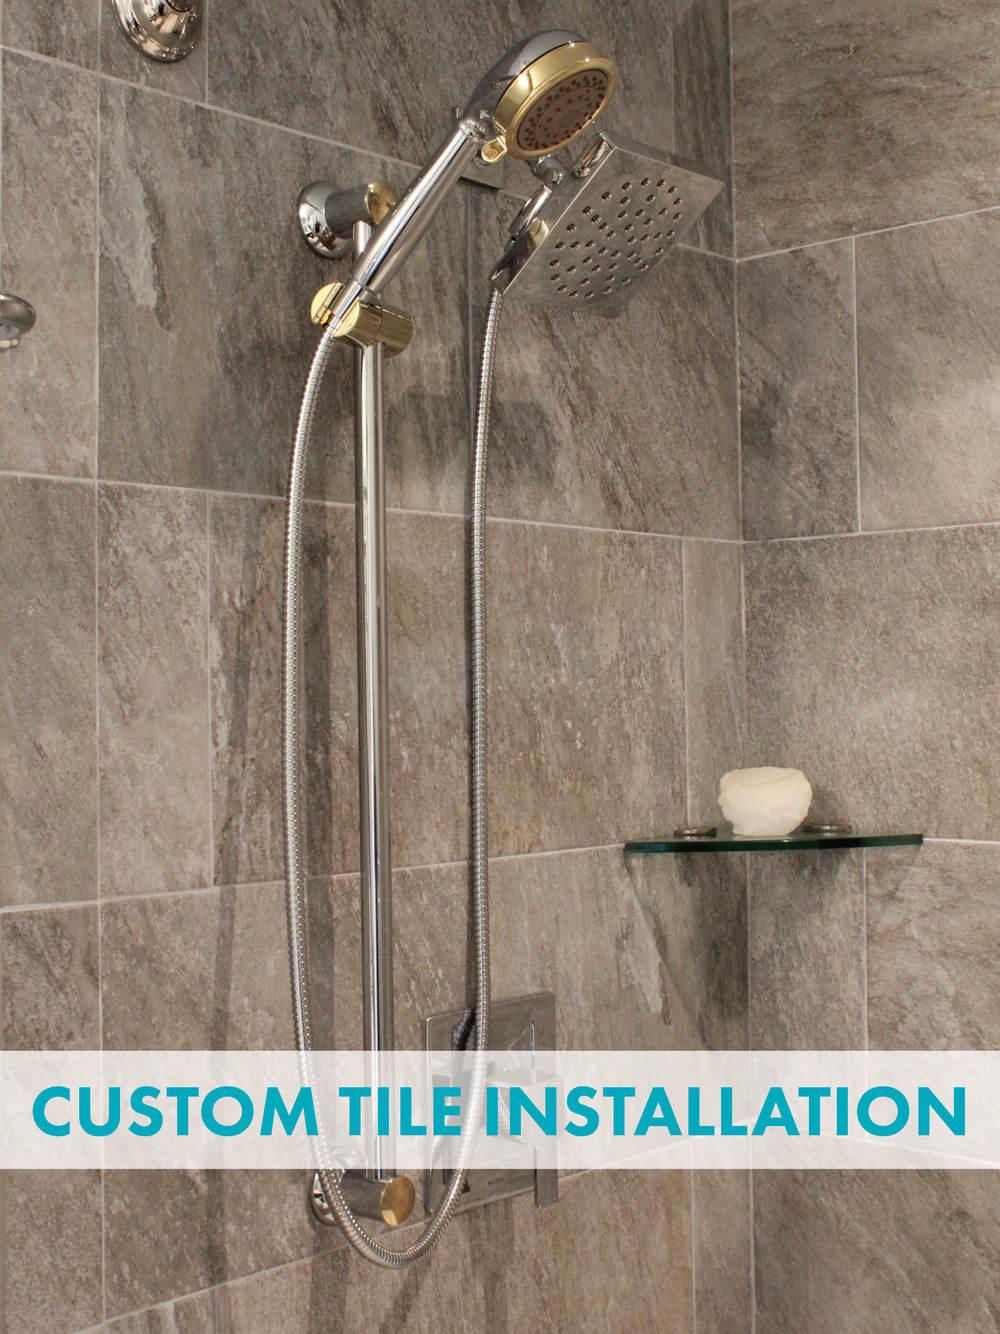 custom tile installation.jpg